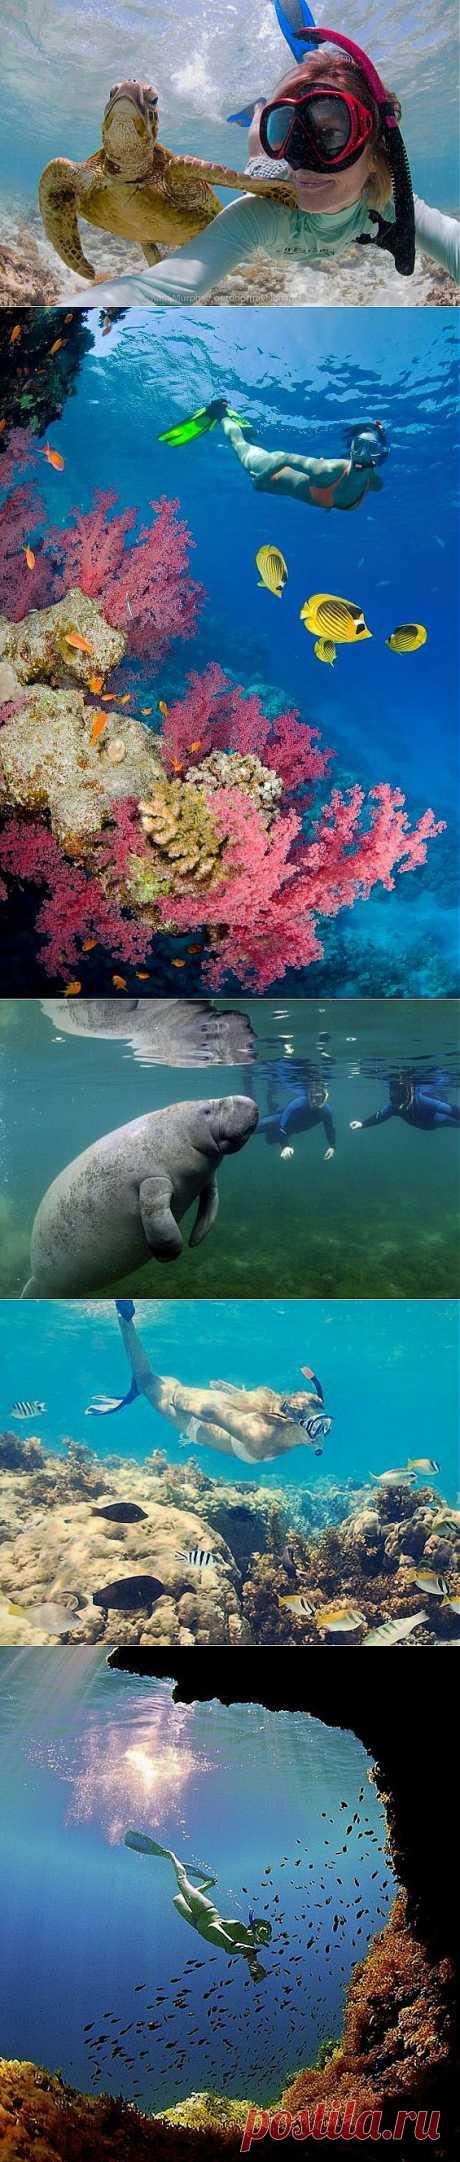 Самые жипописные места подводного мира / Всё самое лучшее из интернета